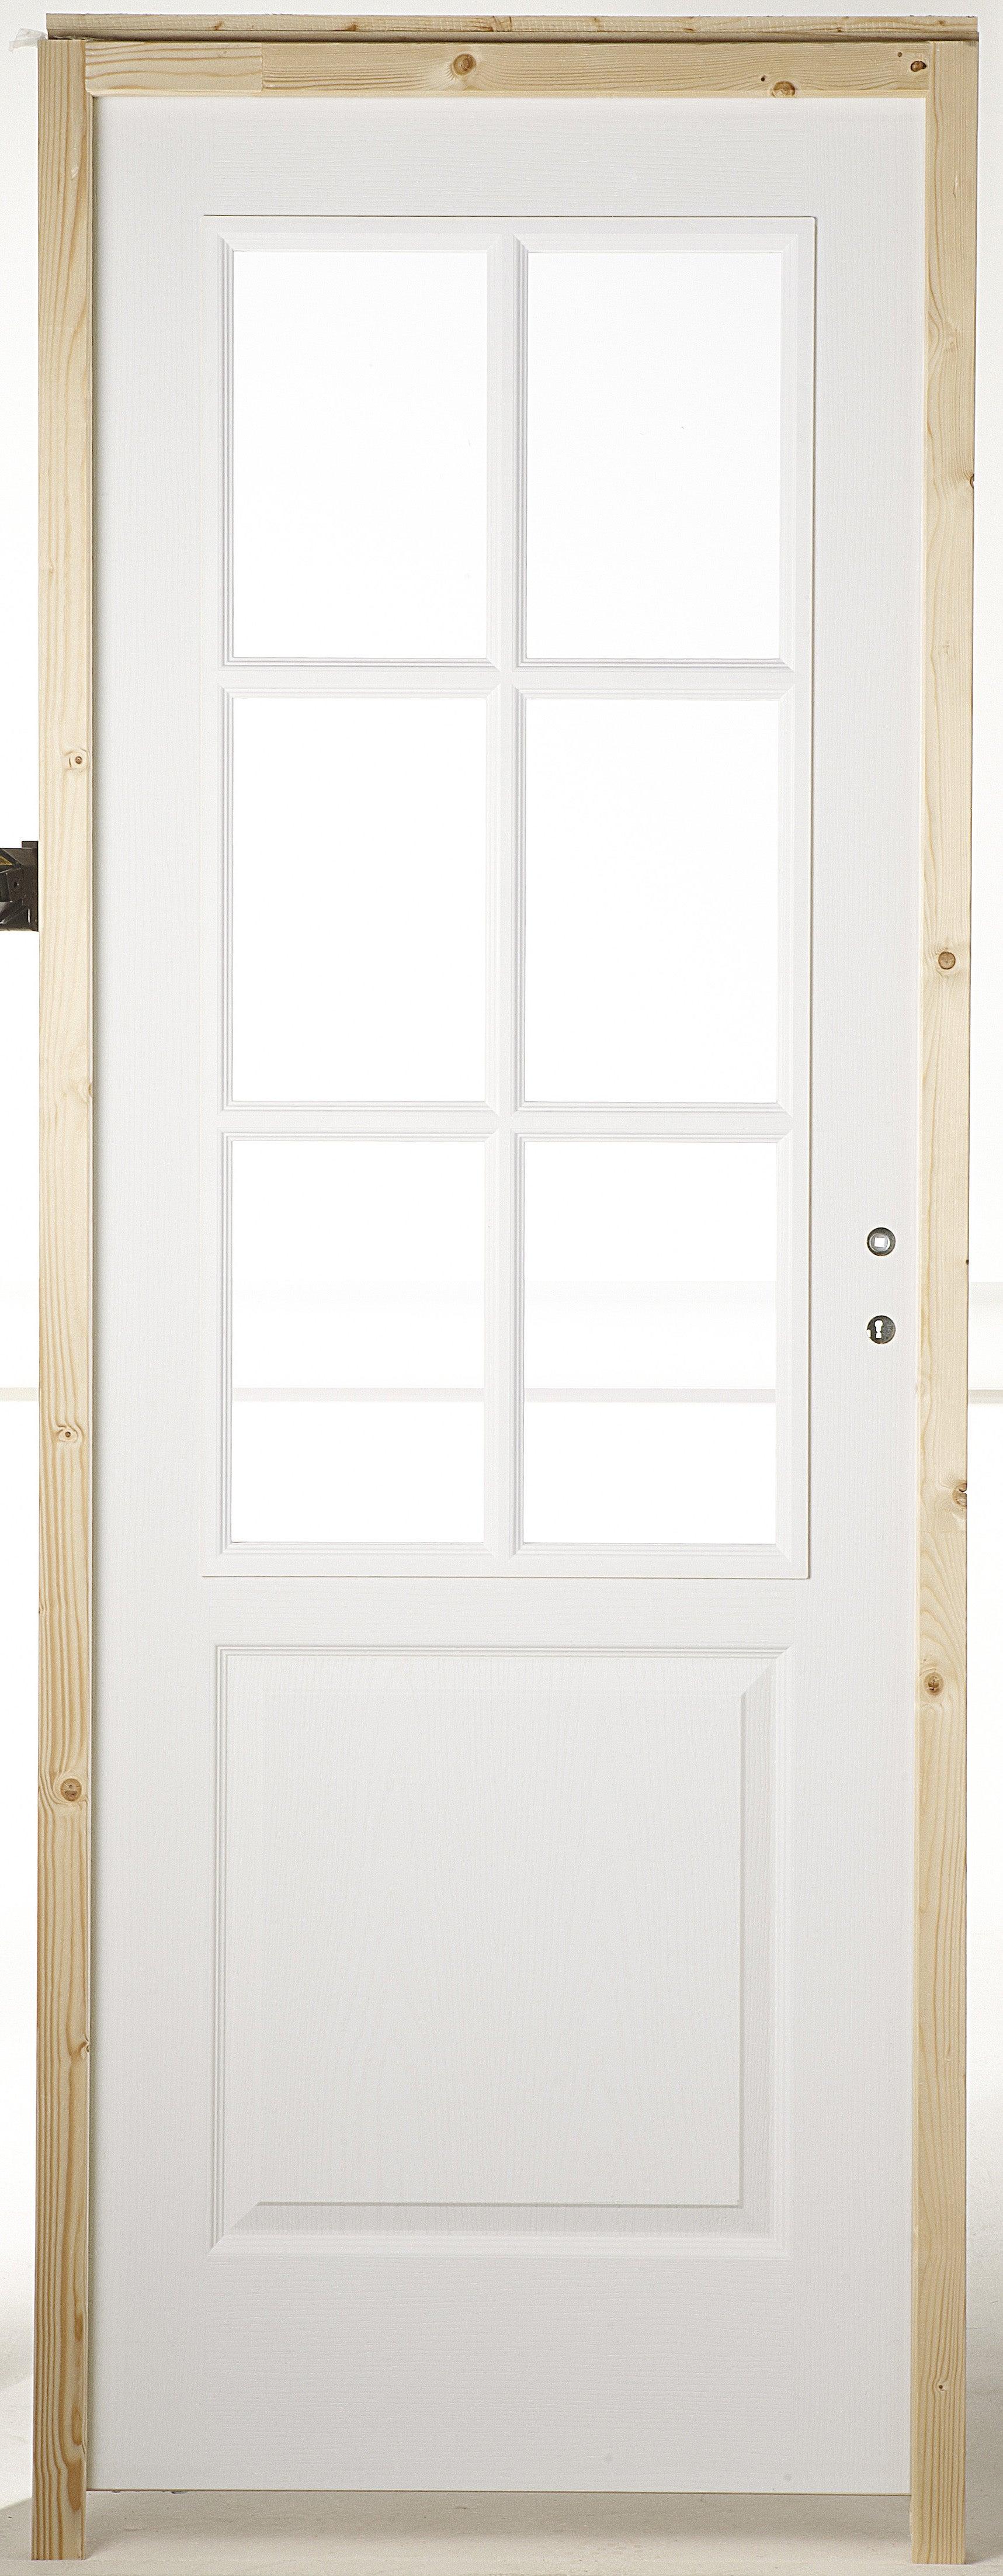 Bloc Porte Postforme A Vitrer Droite Huisserie 65 Mm H 204 X L 73 Cm Pous Gau Leroy Merlin